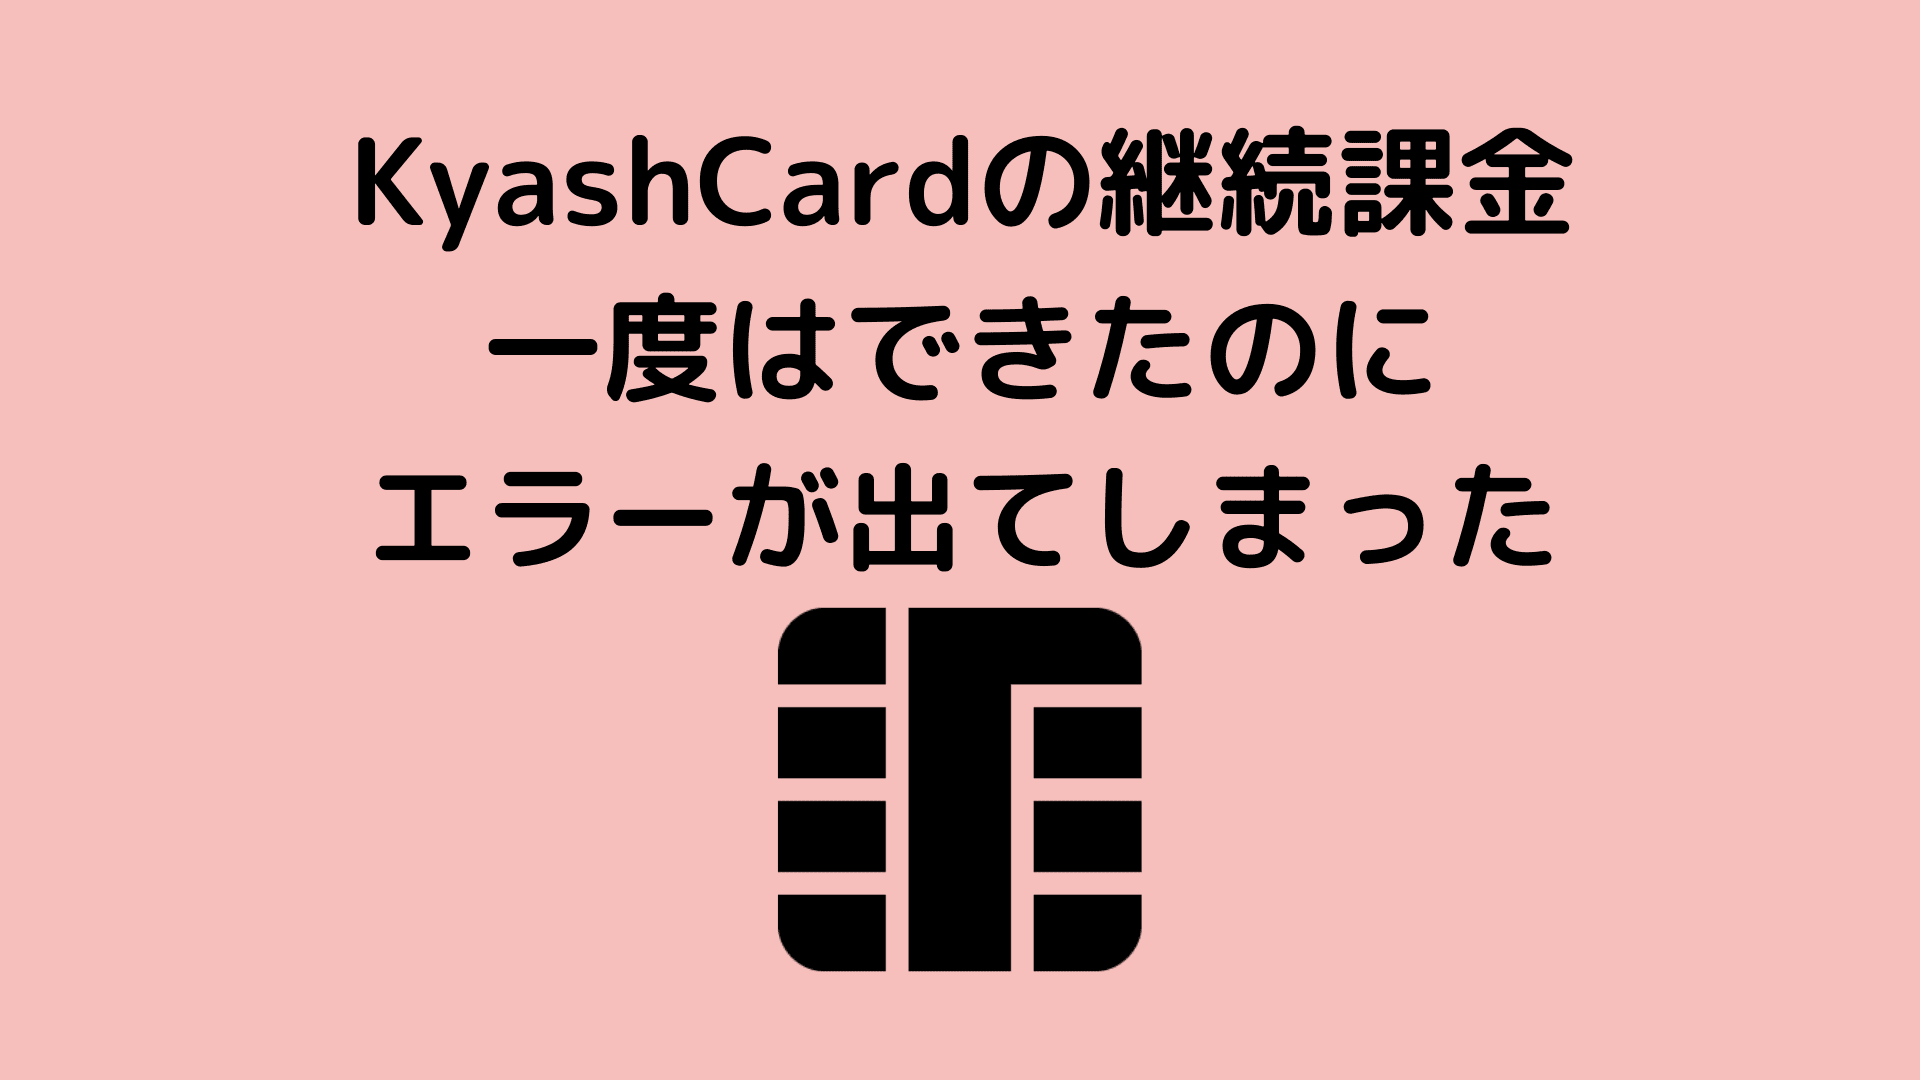 Kyashcard error